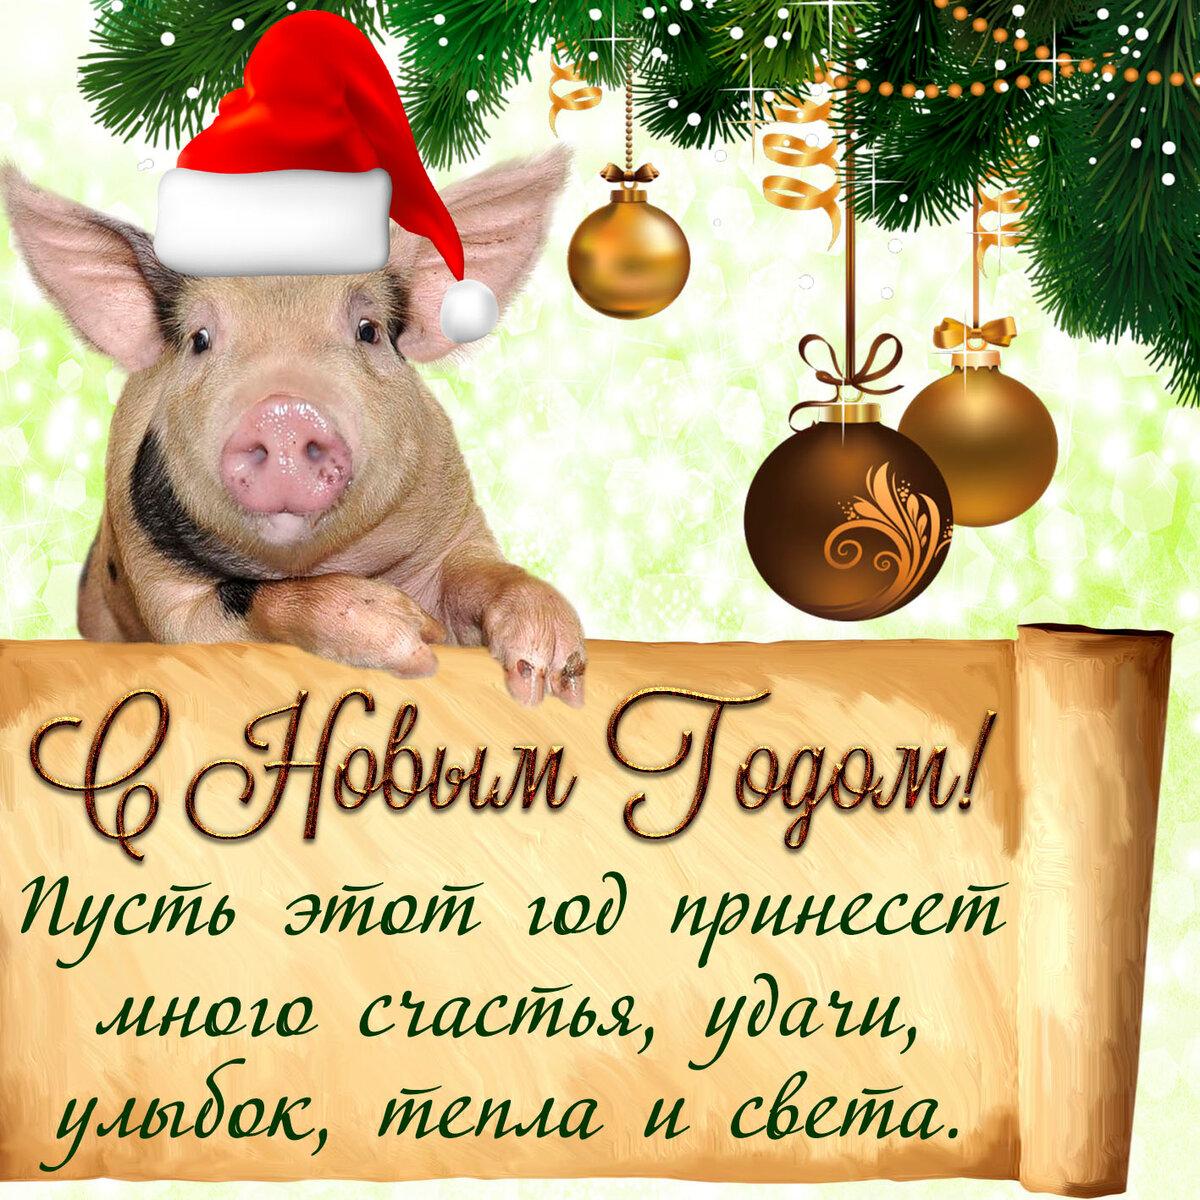 Тосты на новый год свиньи 2019 - смешные, короткие, прикольные